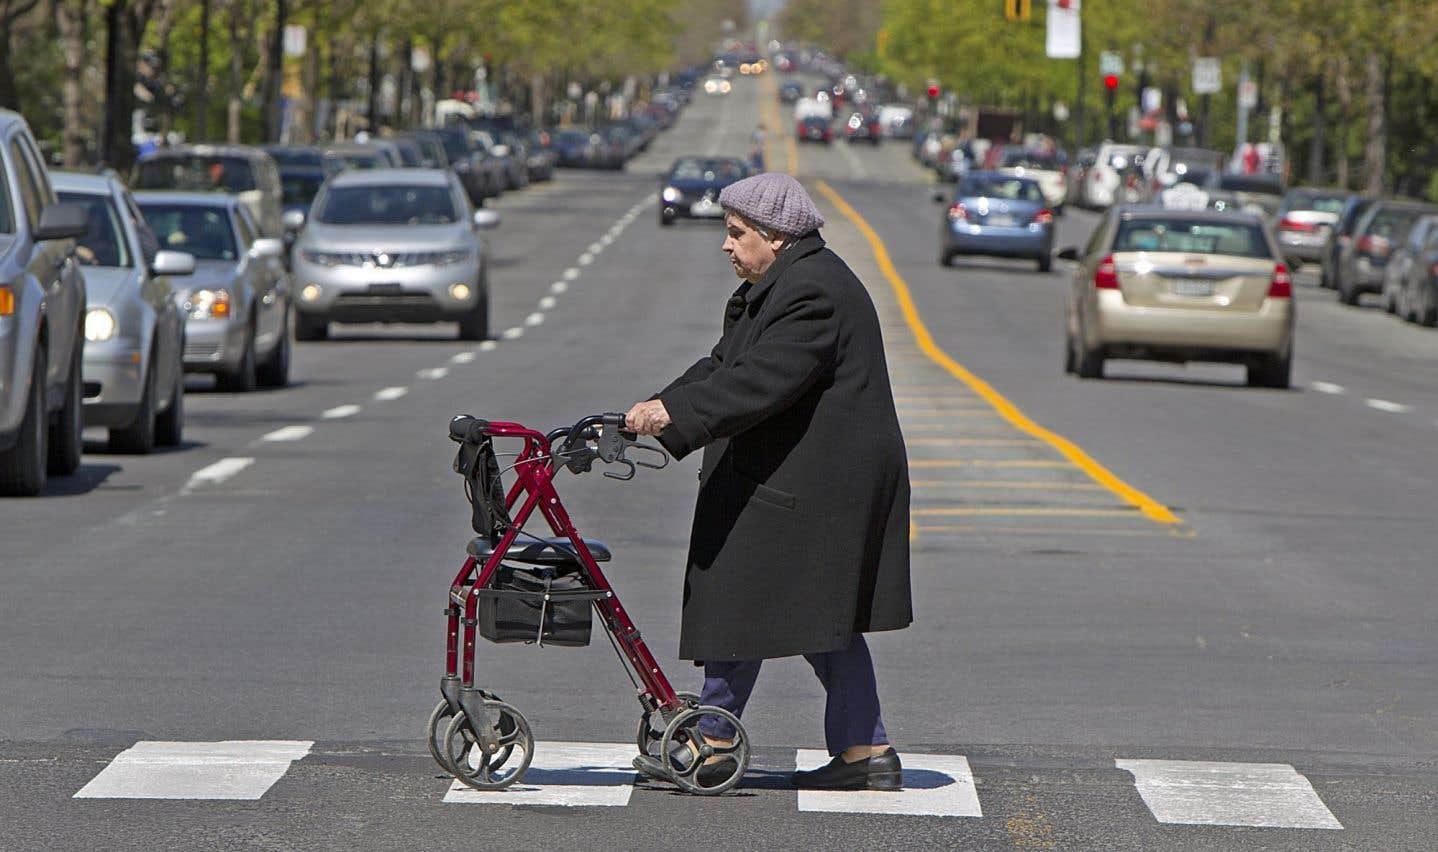 Repenser l'aménagement des rues pour sauver des vies